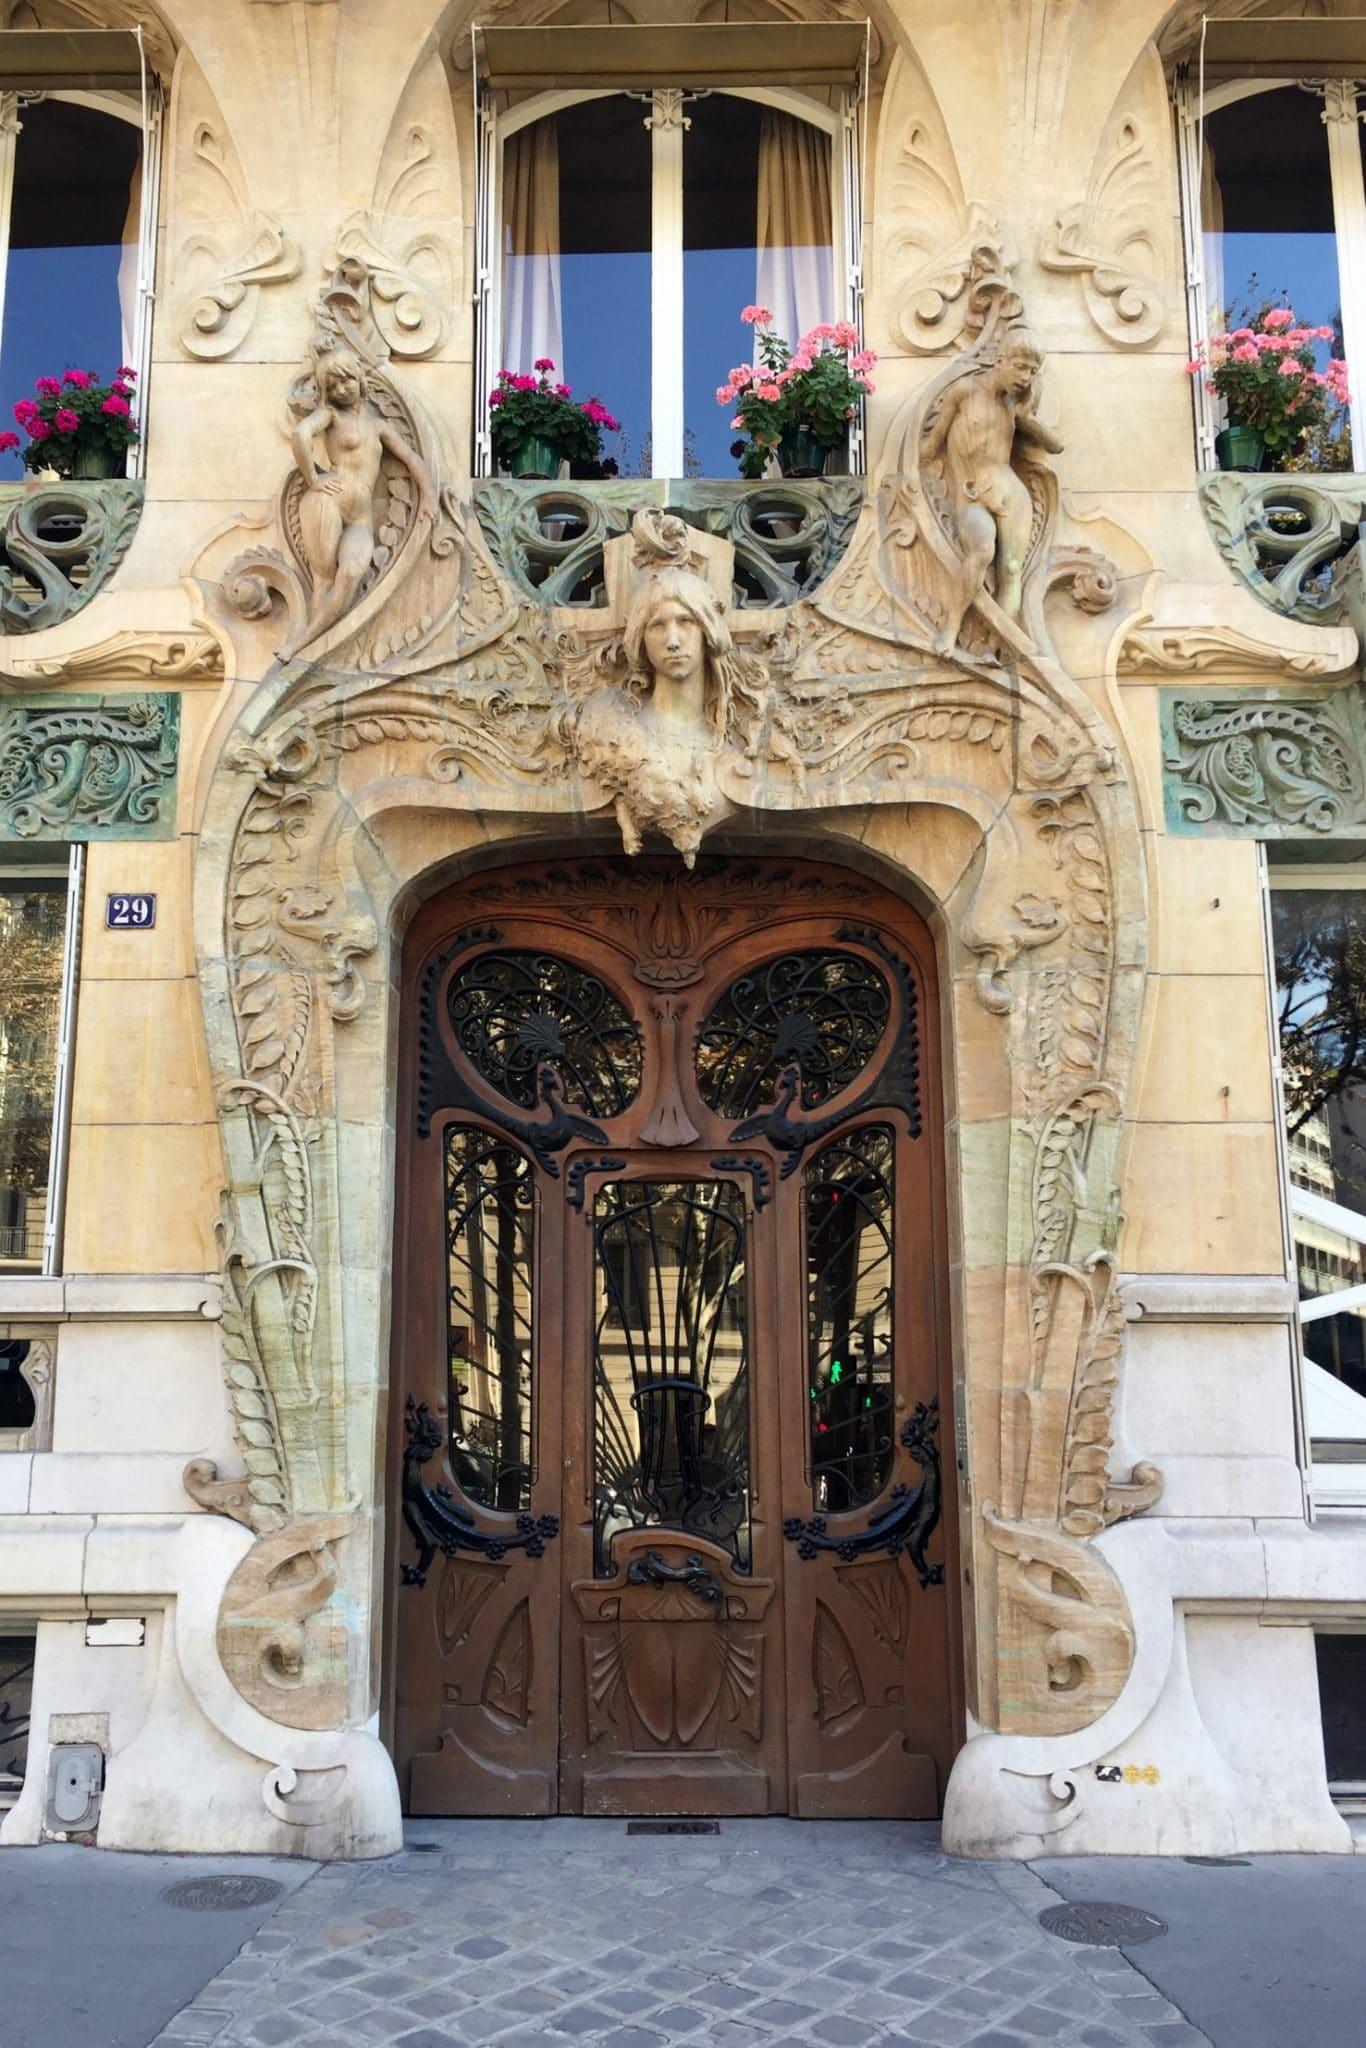 immeuble lavirotte paris histoire art nouveau architecture façade 2